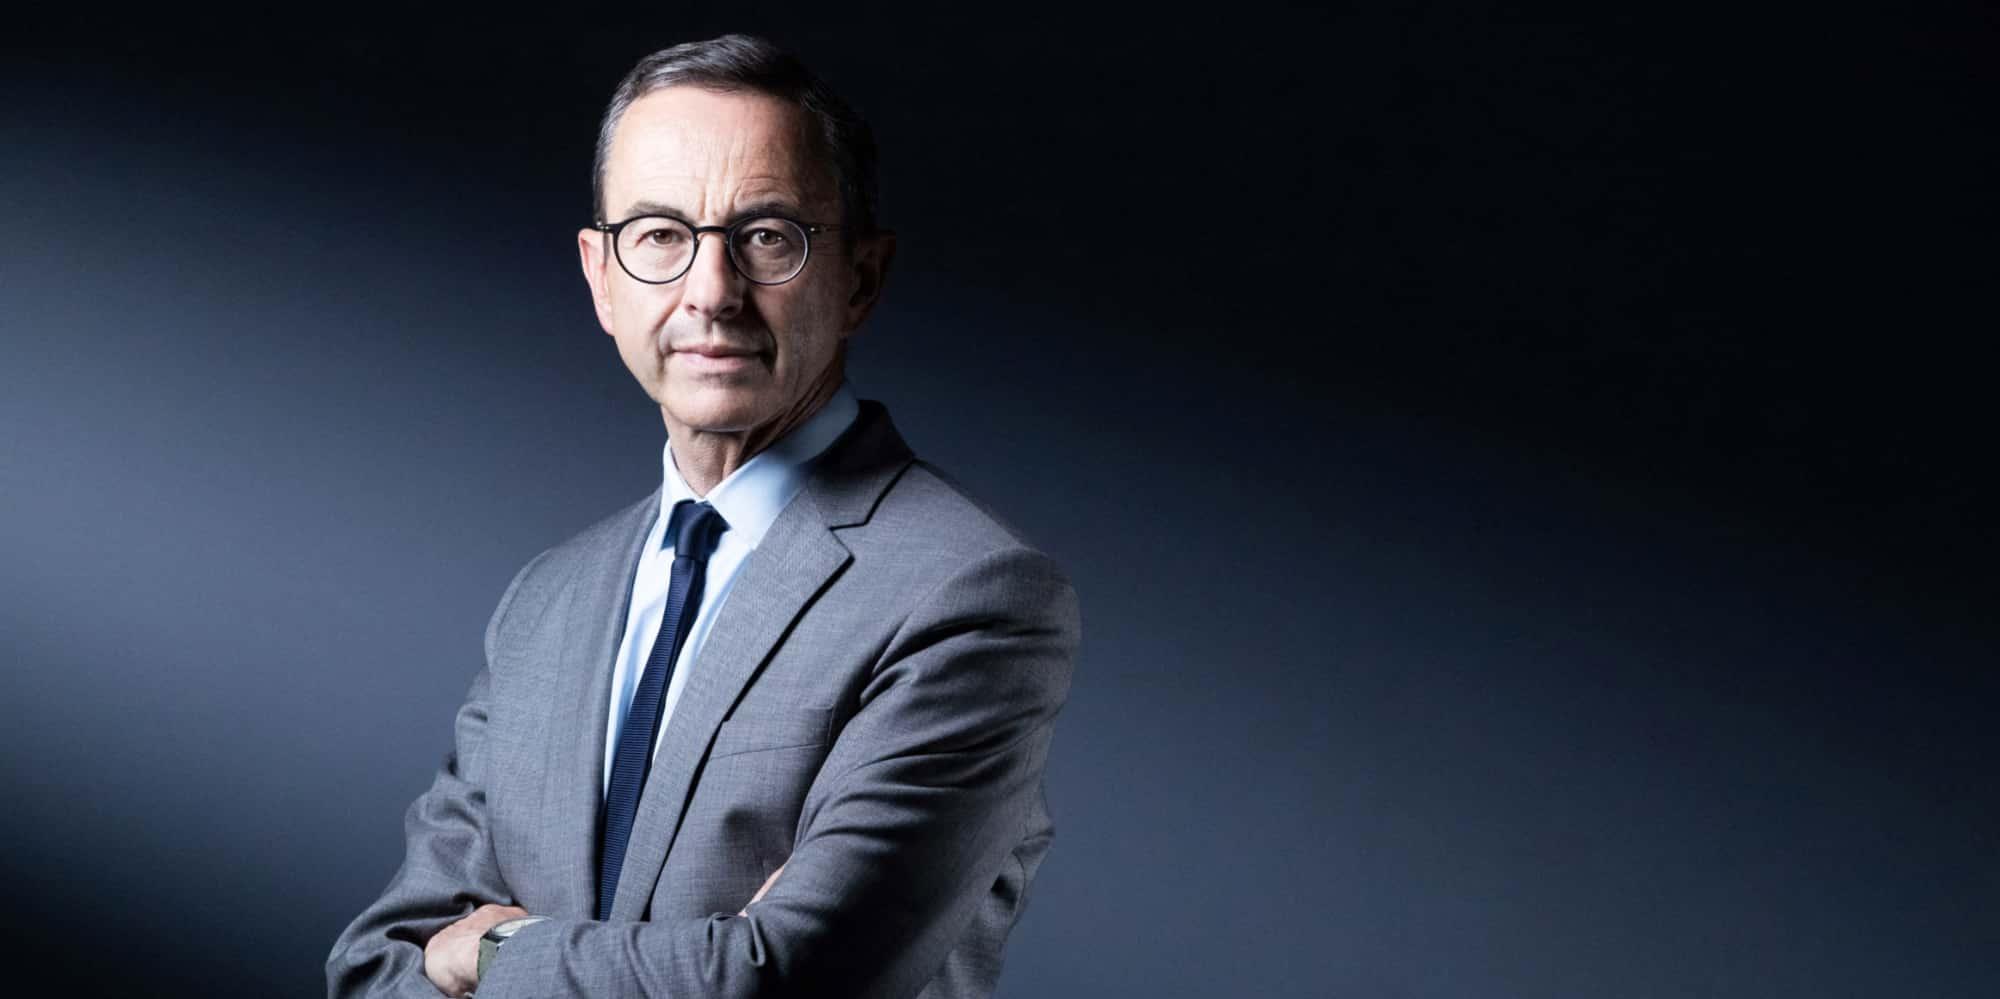 Le sénateur de la Vendée Bruno Retailleau se retire des primaires à droite, altruisme ou manque de confiance en soi!